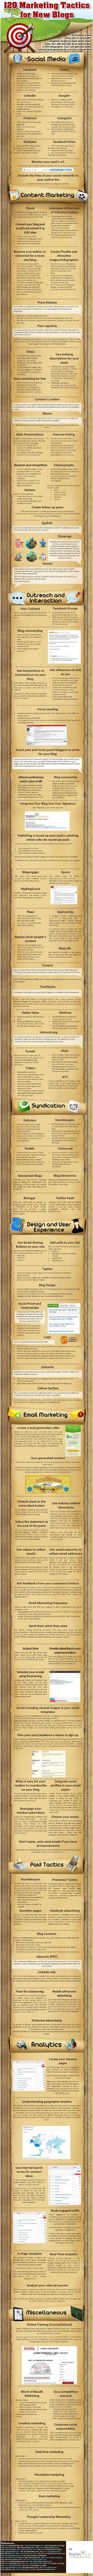 marketing tactics for blog